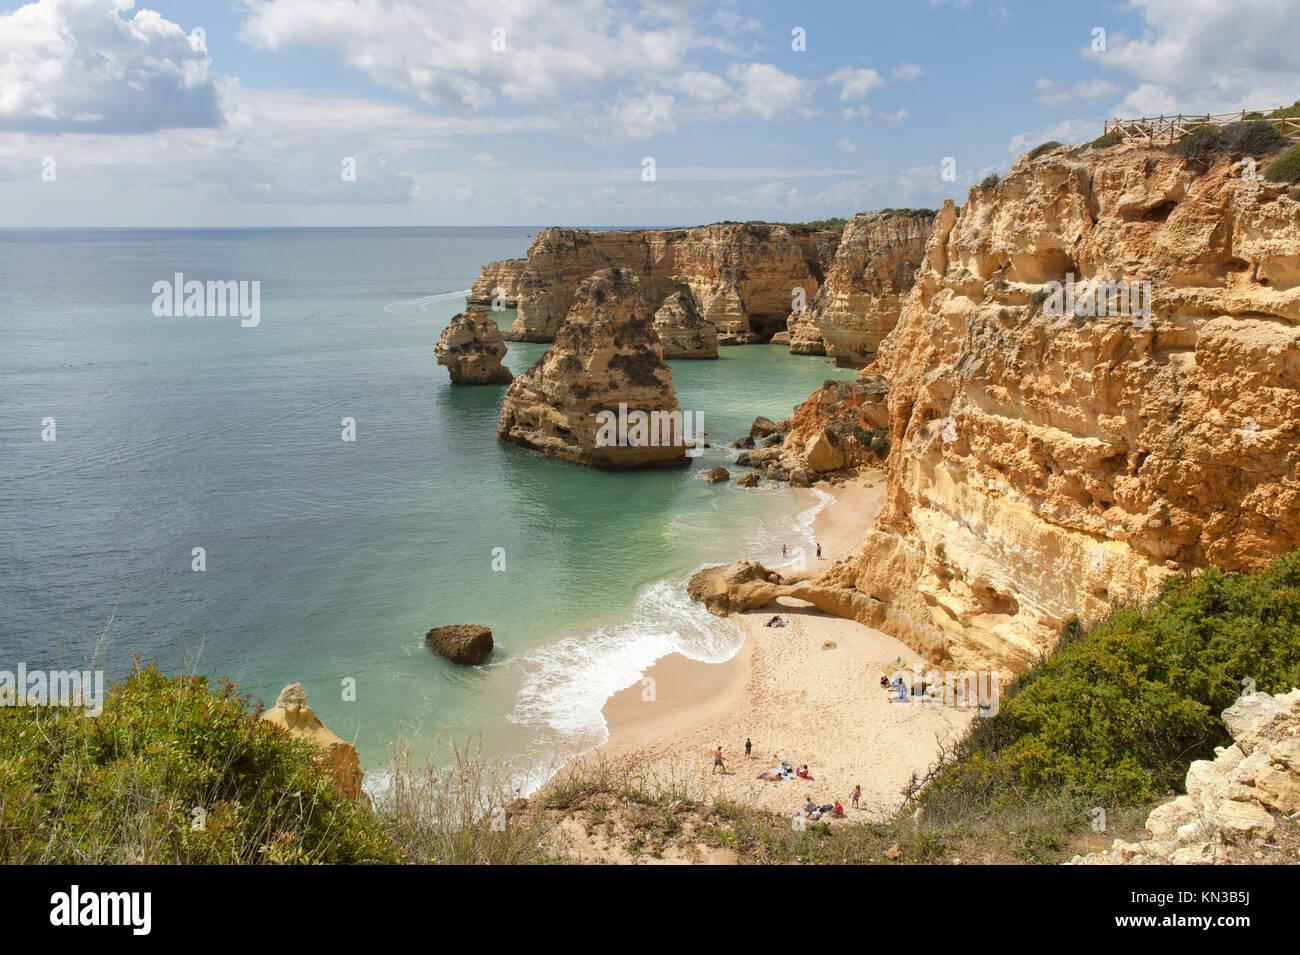 Praia da Marinha, Carvoeiro, Algarve, Portugal. Stock Photo